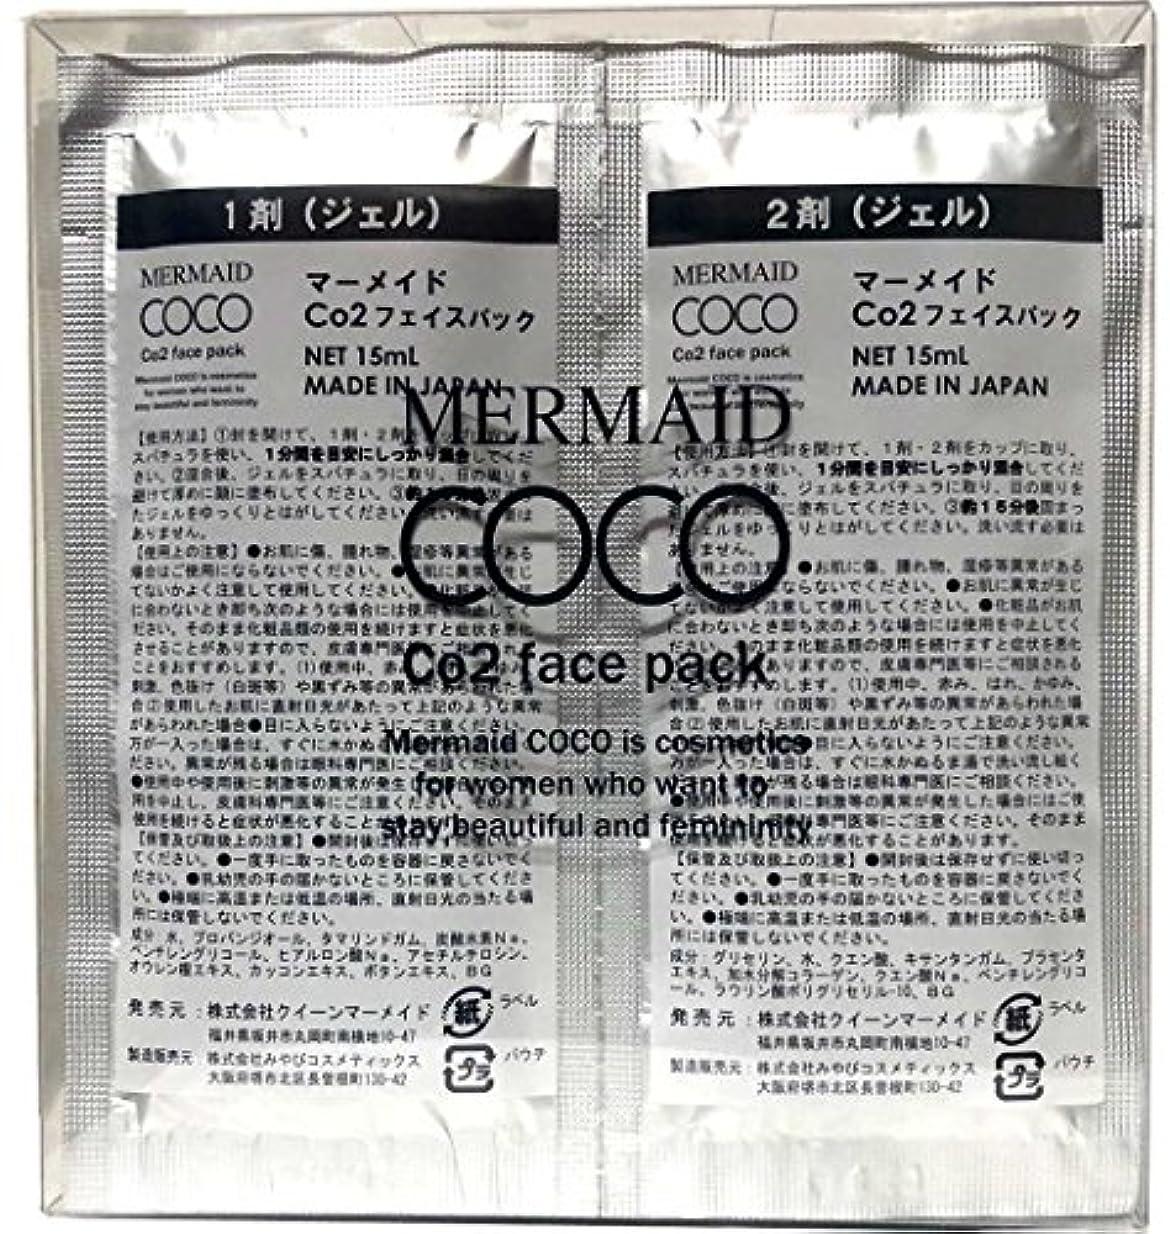 アルカイック用語集六分儀マーメイド ココ  MERMAID COCO Co2 フェイスパック 10回分